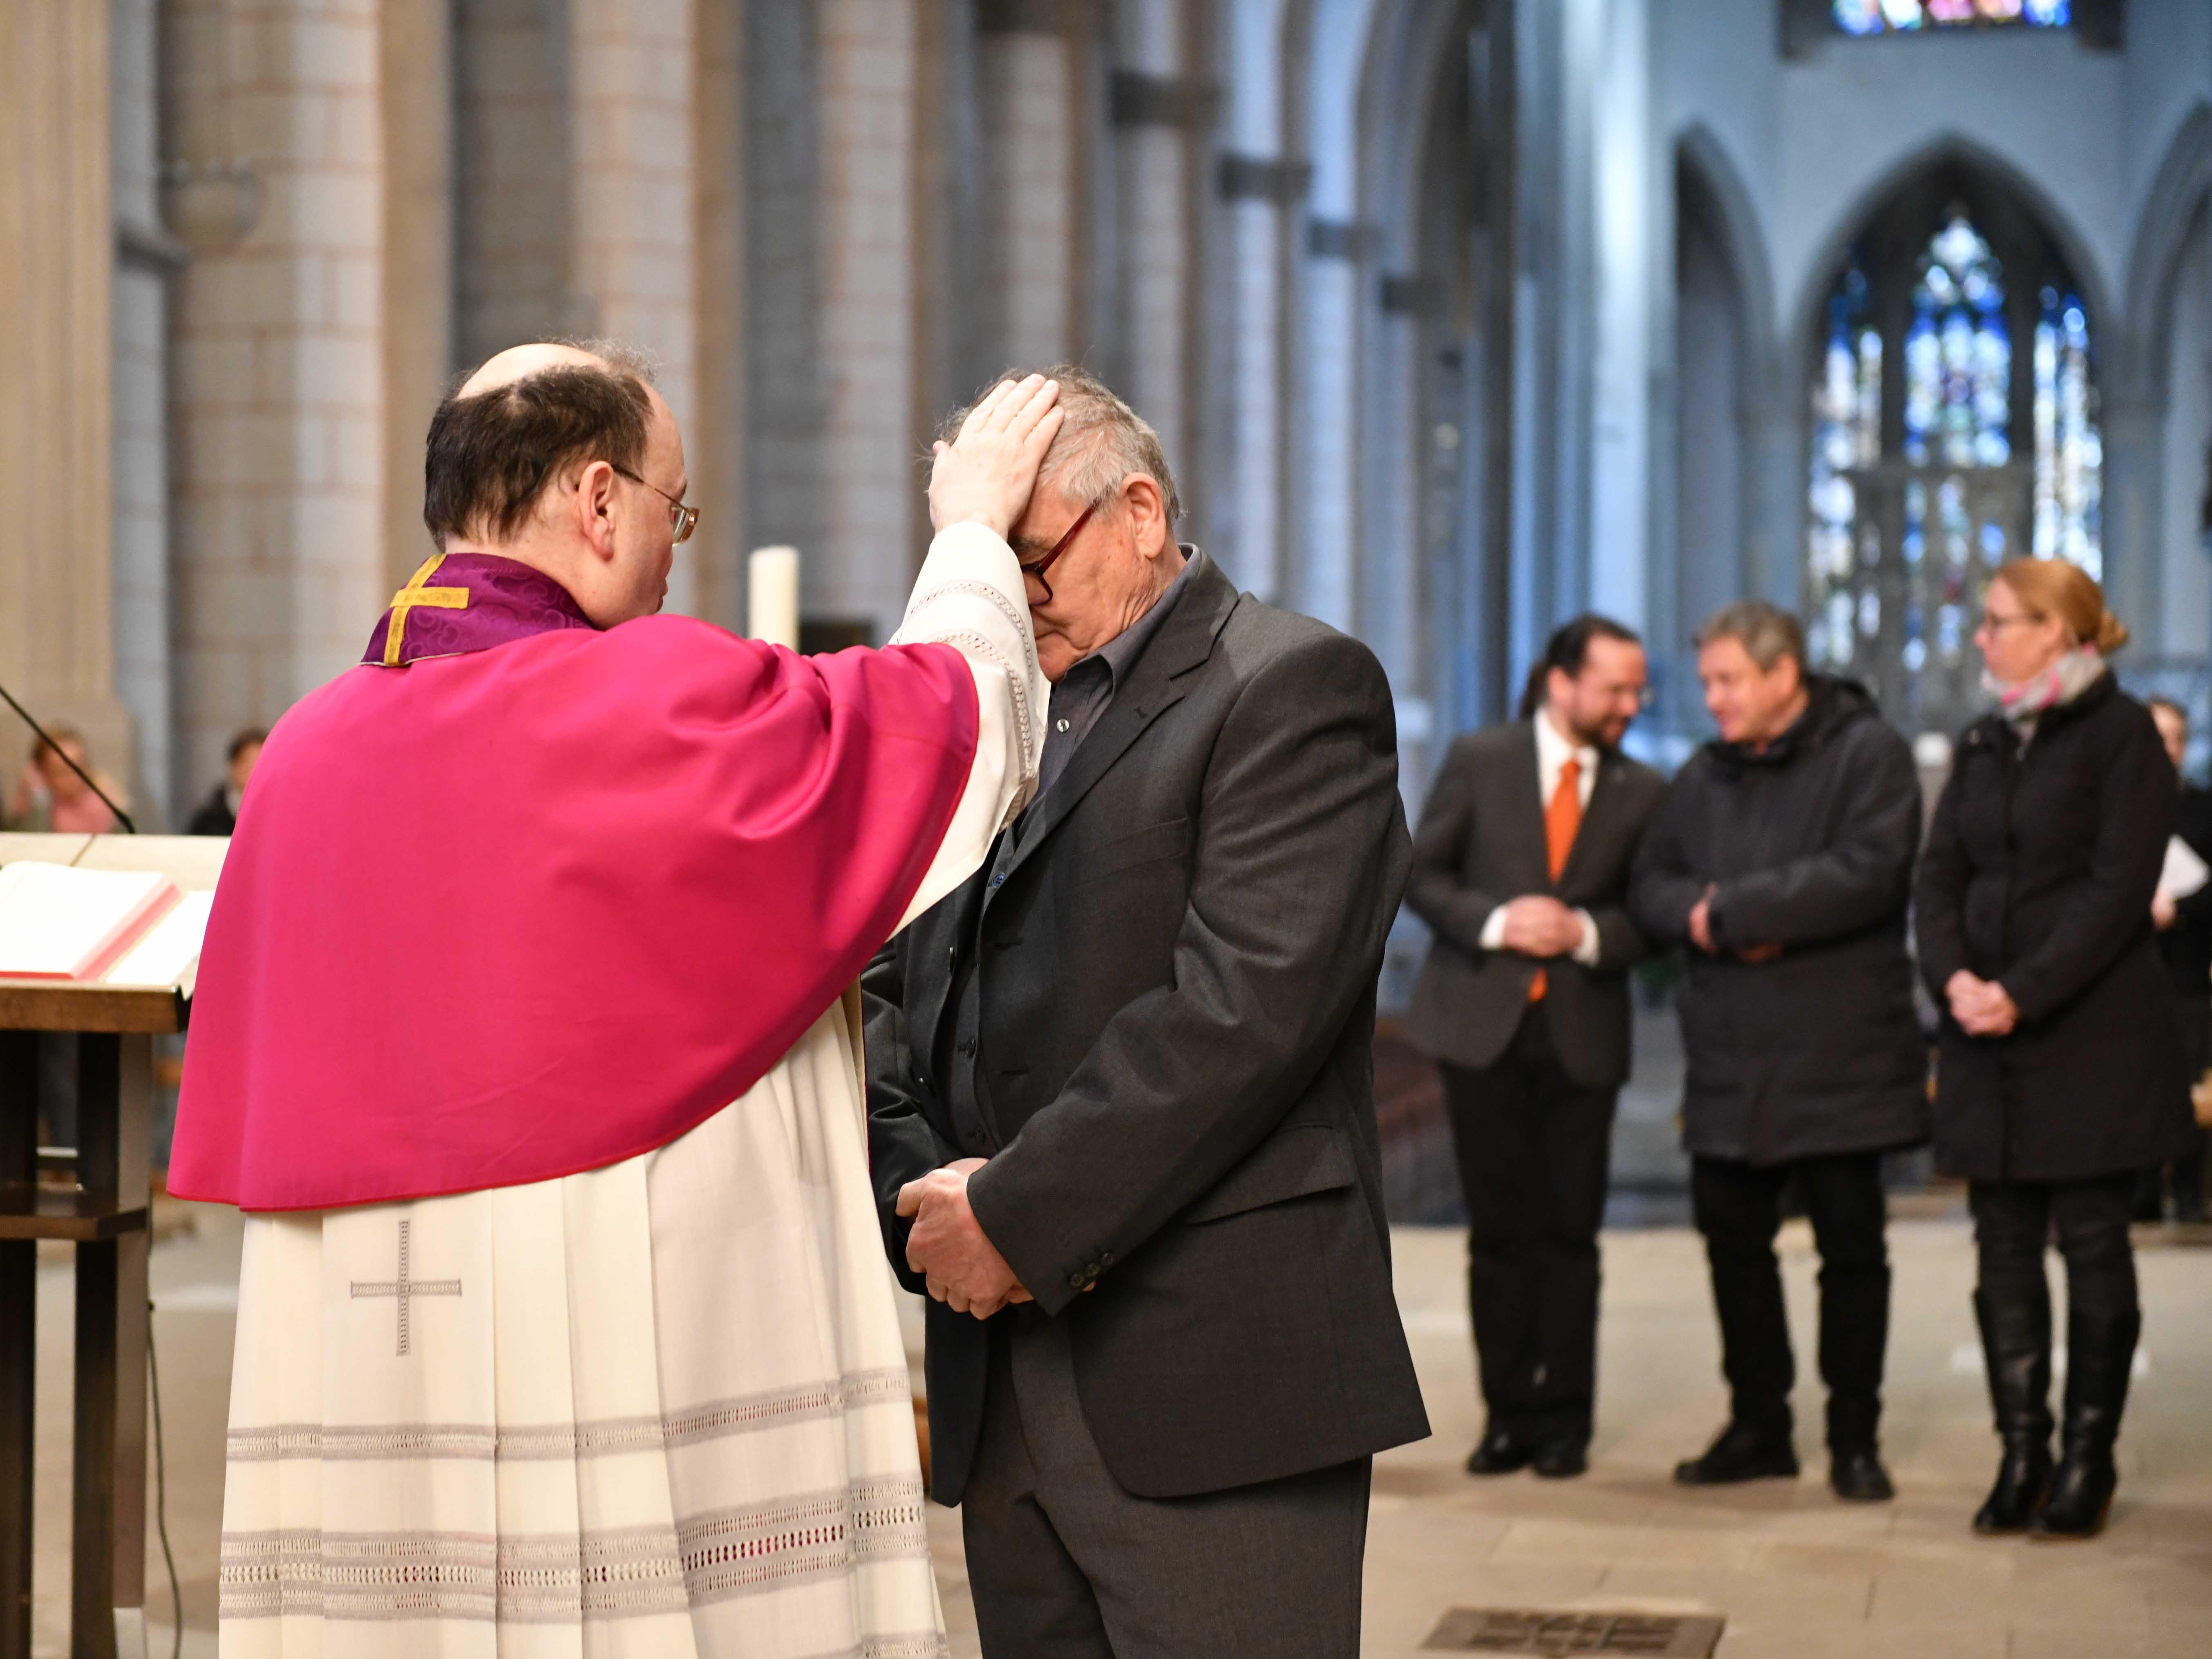 Prälat Meier legte jedem einzelnen Bewerber die Hand als Zeichen des Segens auf. (Foto: Maria Steber / pba)